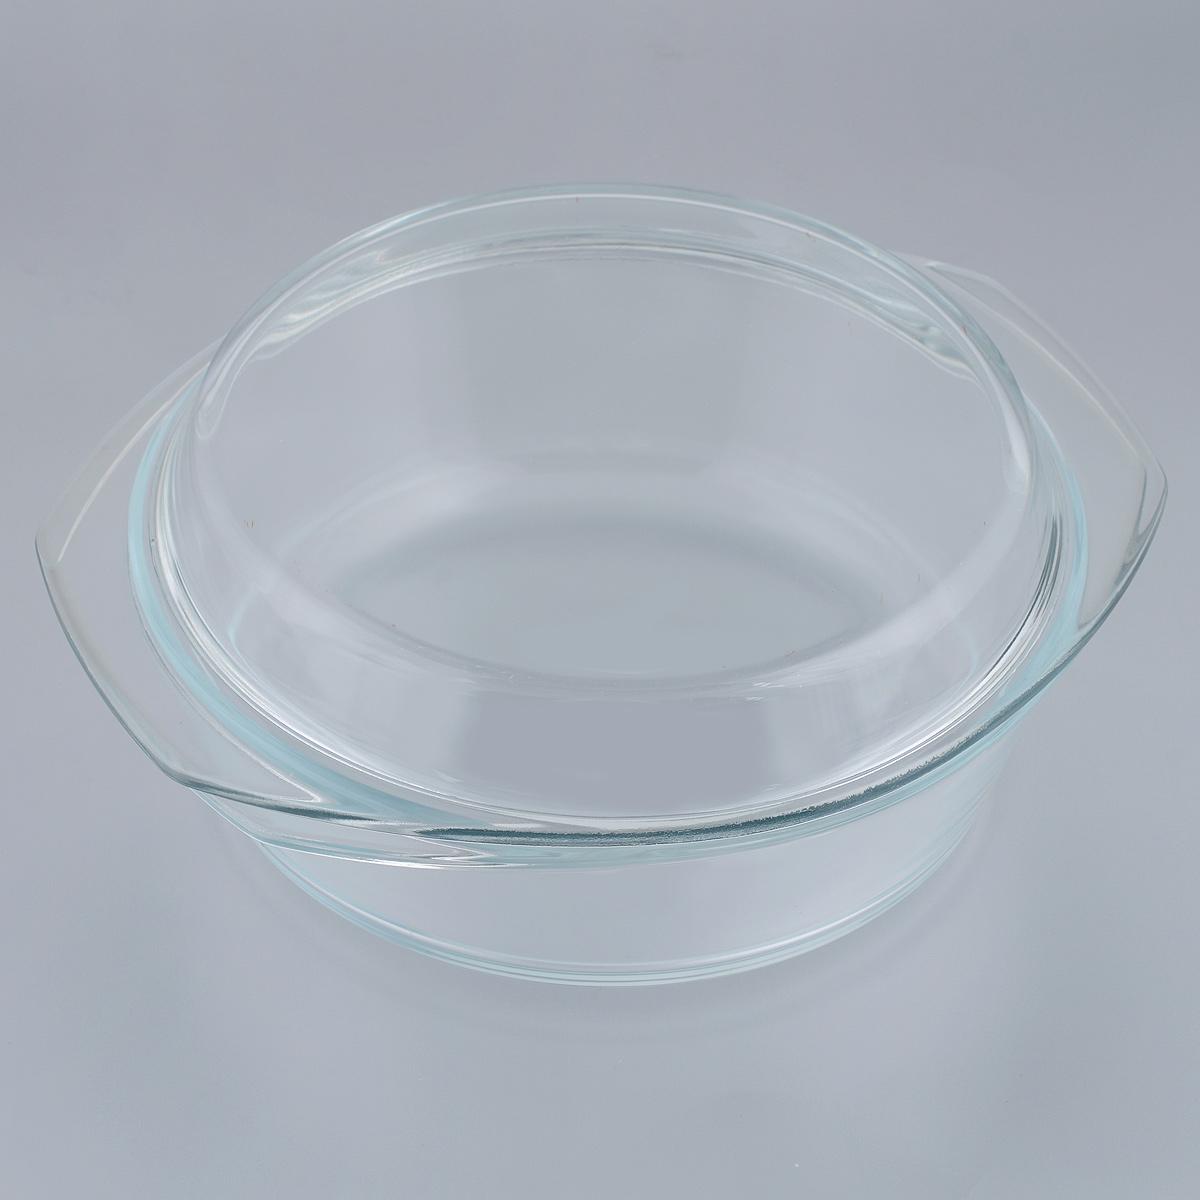 Кастрюля Mijotex с крышкой, 2,5 лCR4Кастрюля Mijotex изготовлена из экологически чистого жаропрочного стекла и оснащена крышкой, которую также можно использовать как отдельную емкость. Стекло - самый безопасный для здоровья материал. Посуда из стекла не вступает в реакцию с готовящейся пищей, а потому не выделяет никаких вредных веществ, не подвергается воздействию кислот и солей. Из-за невысокой теплопроводности пища в стеклянной посуде гораздо медленнее остывает. Стеклянная посуда очень удобна для приготовления, разогрева и хранения самых разнообразных блюд: супов, вторых блюд, десертов. Используя такую кастрюлю, вы можете не только приготовить в ней пищу, но и подать ее к столу, не меняя посуды. Благодаря гладкой идеально ровной поверхности посуда легко моется. Допускается нагрев посуды до 400°С. Можно использовать в микроволновой печи, духовом шкафу, на газовых конфорках и электроплитах. Можно использовать для хранения в холодильнике и морозильной камере. Можно мыть в посудомоечной машине. ...